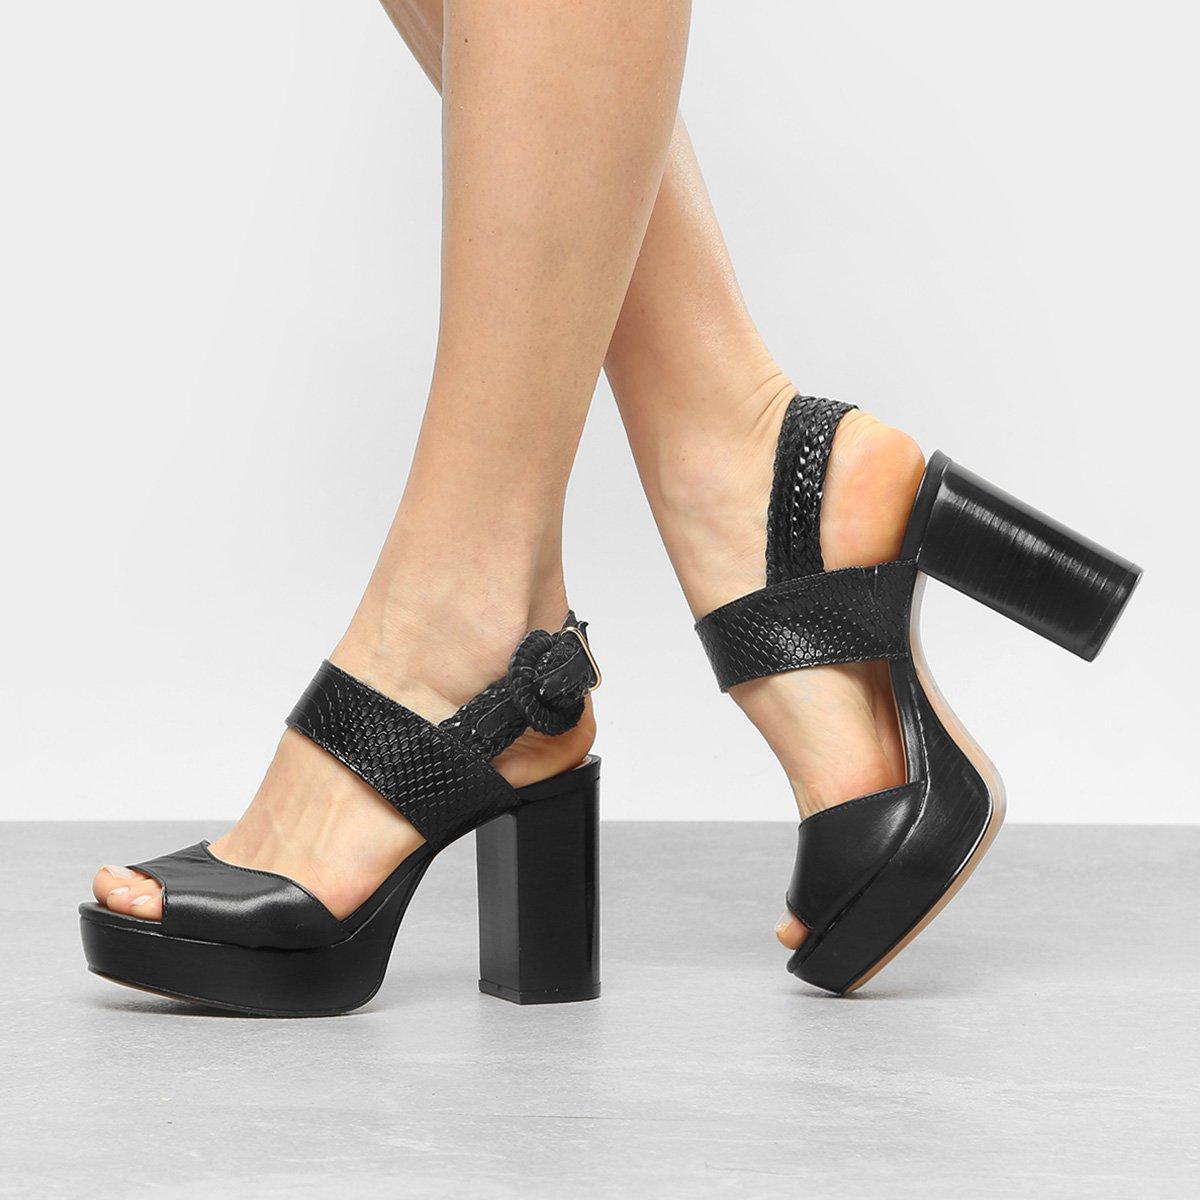 Sandália Preto Meia Pata Couro Sandália Fivela Couro Feminina Shoestock ZnxBdqdwz